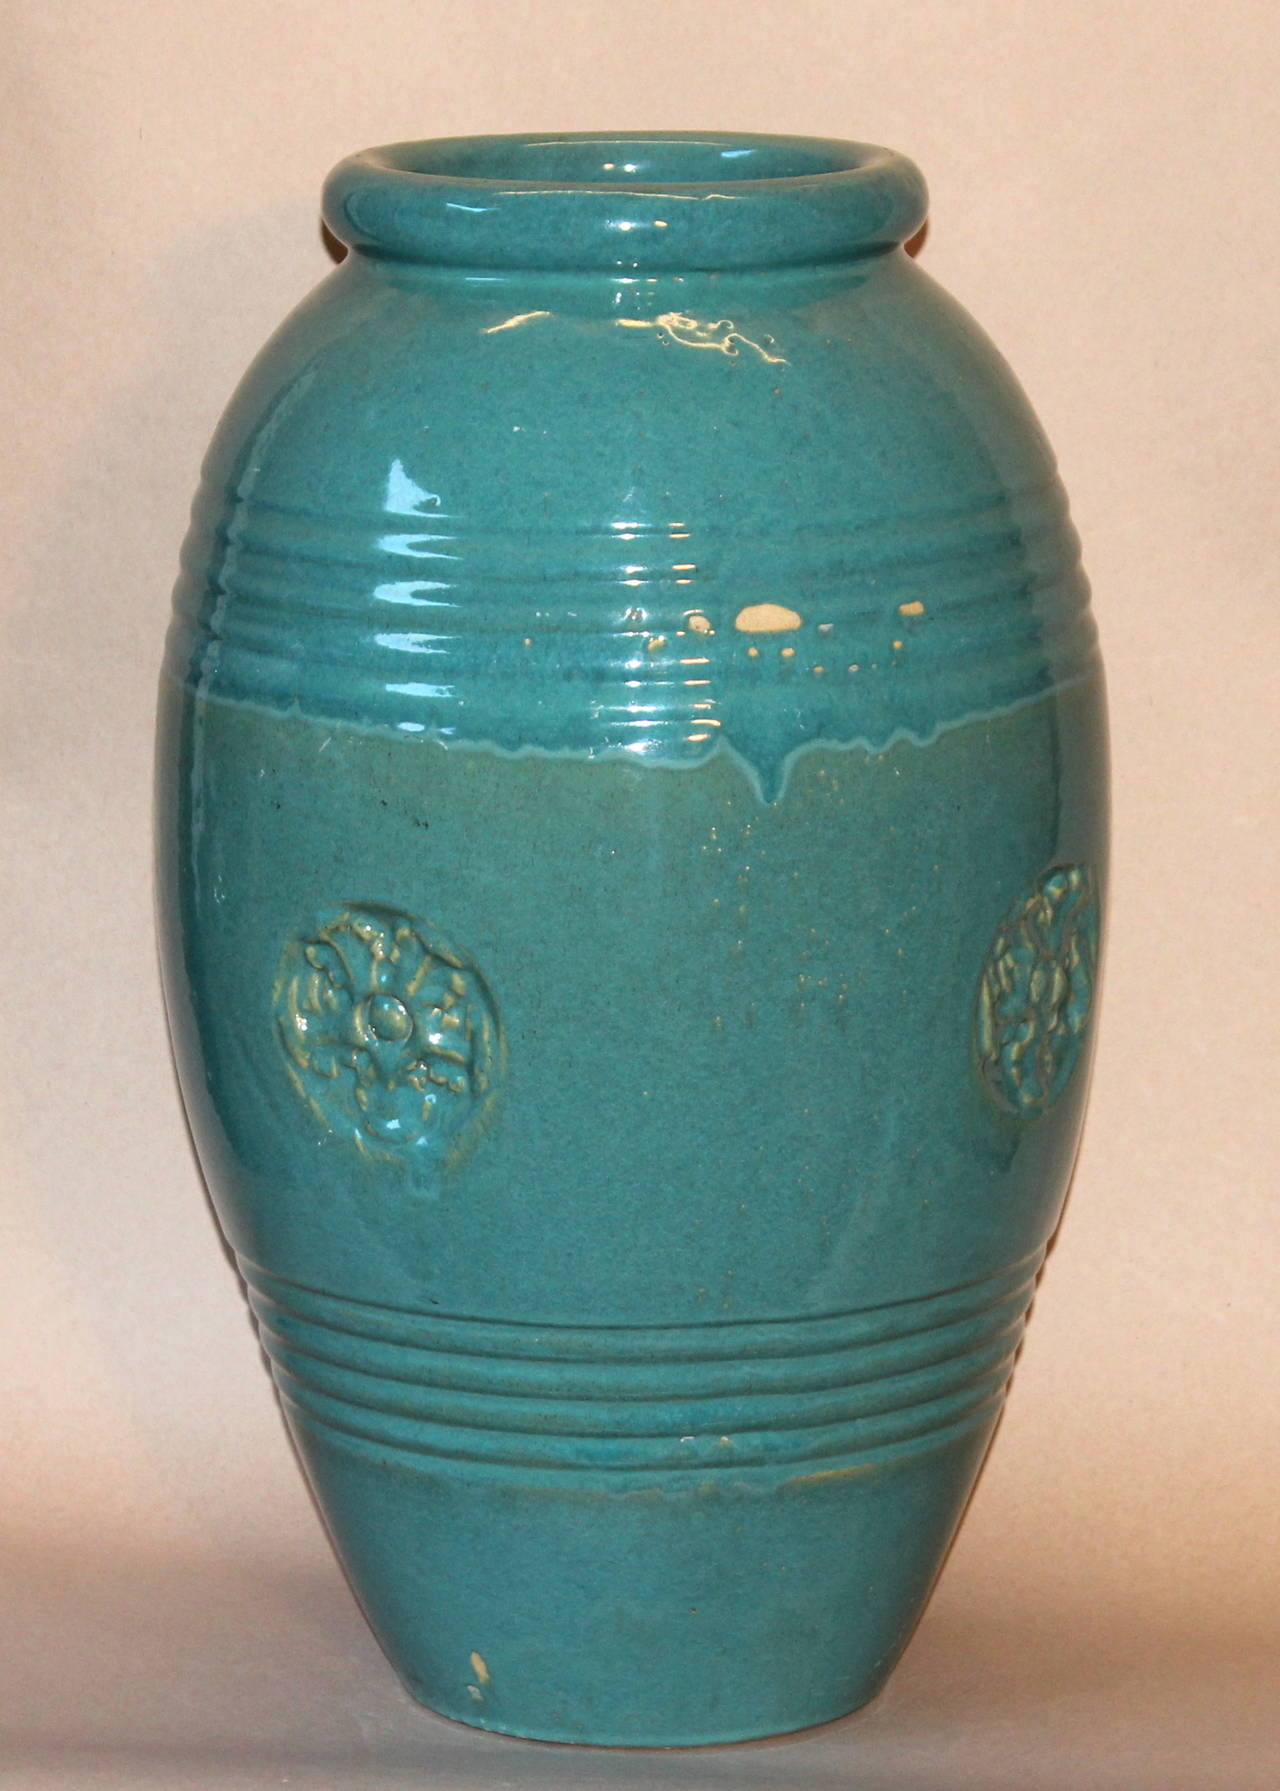 Bon American Large Vintage Bauer California Pottery Garden Urn Oil Jar Vase For  Sale